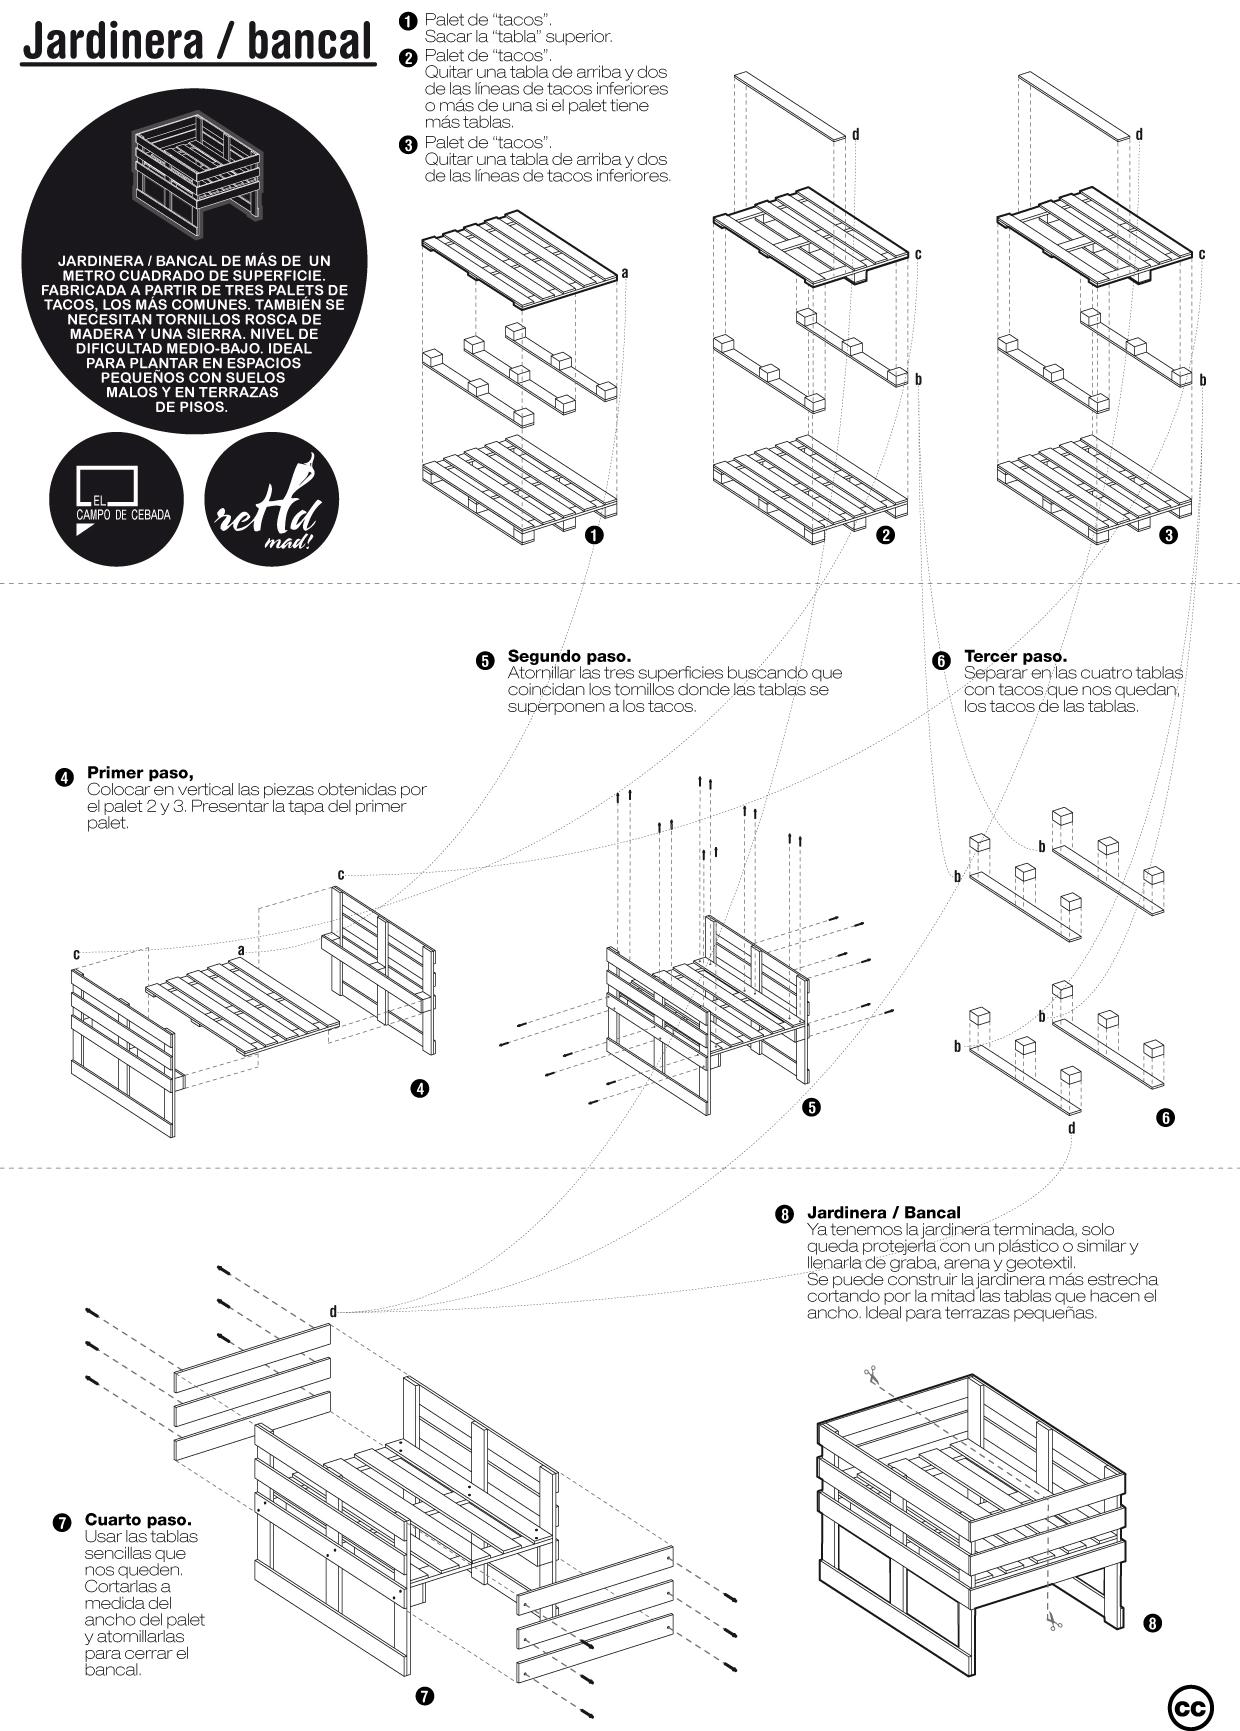 Planos de diferentes muebles hechos con palets muy ingenioso for Como hacer muebles con palets paso a paso